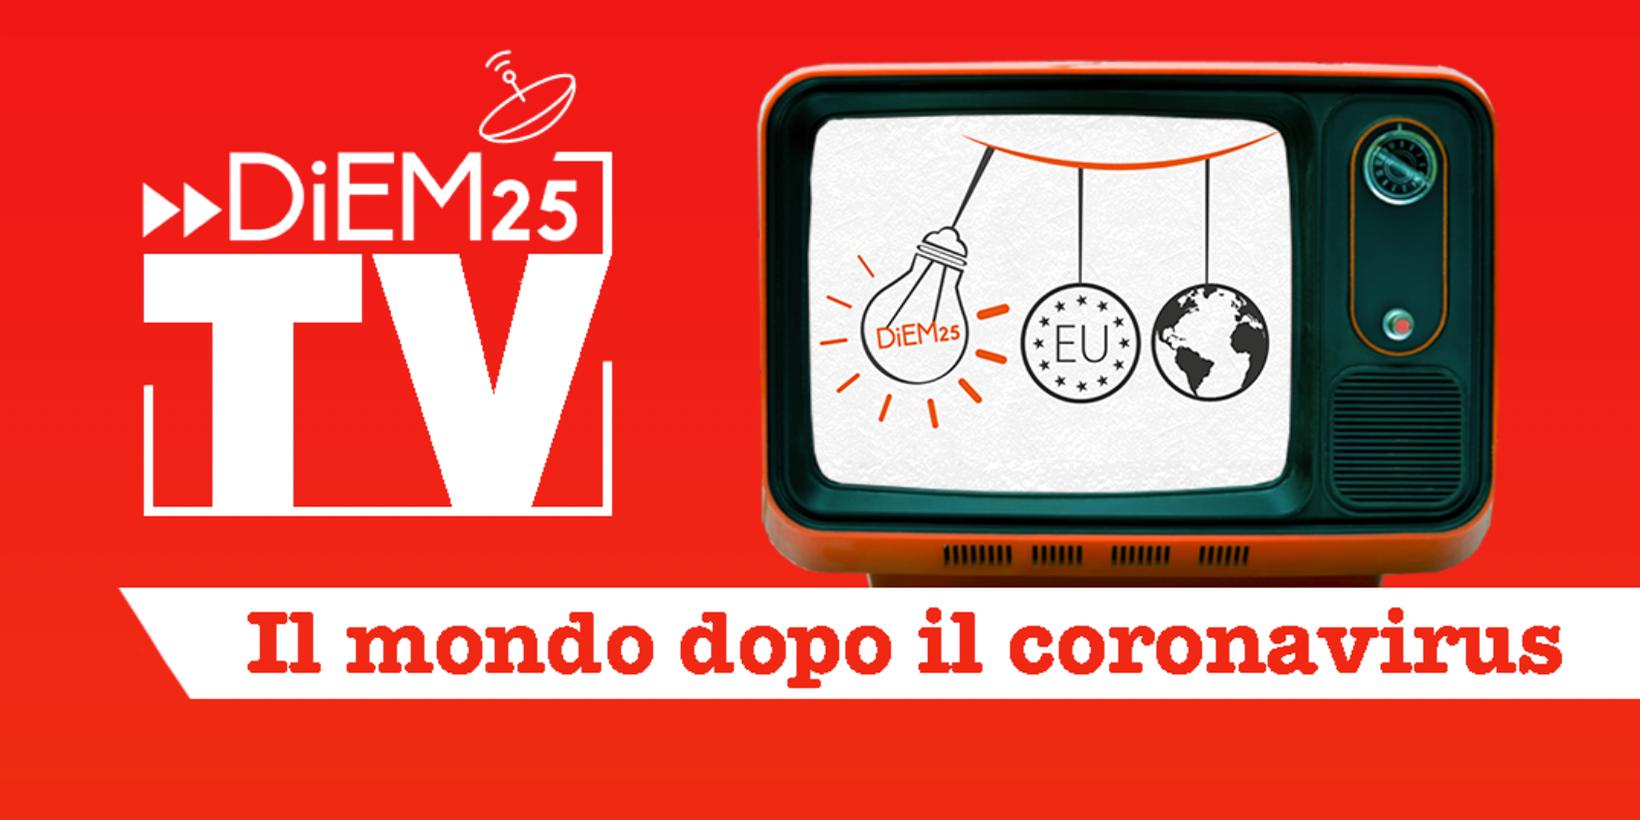 Il Mondo dopo il Coronavirus : DiEM25 lancia la serie TV online